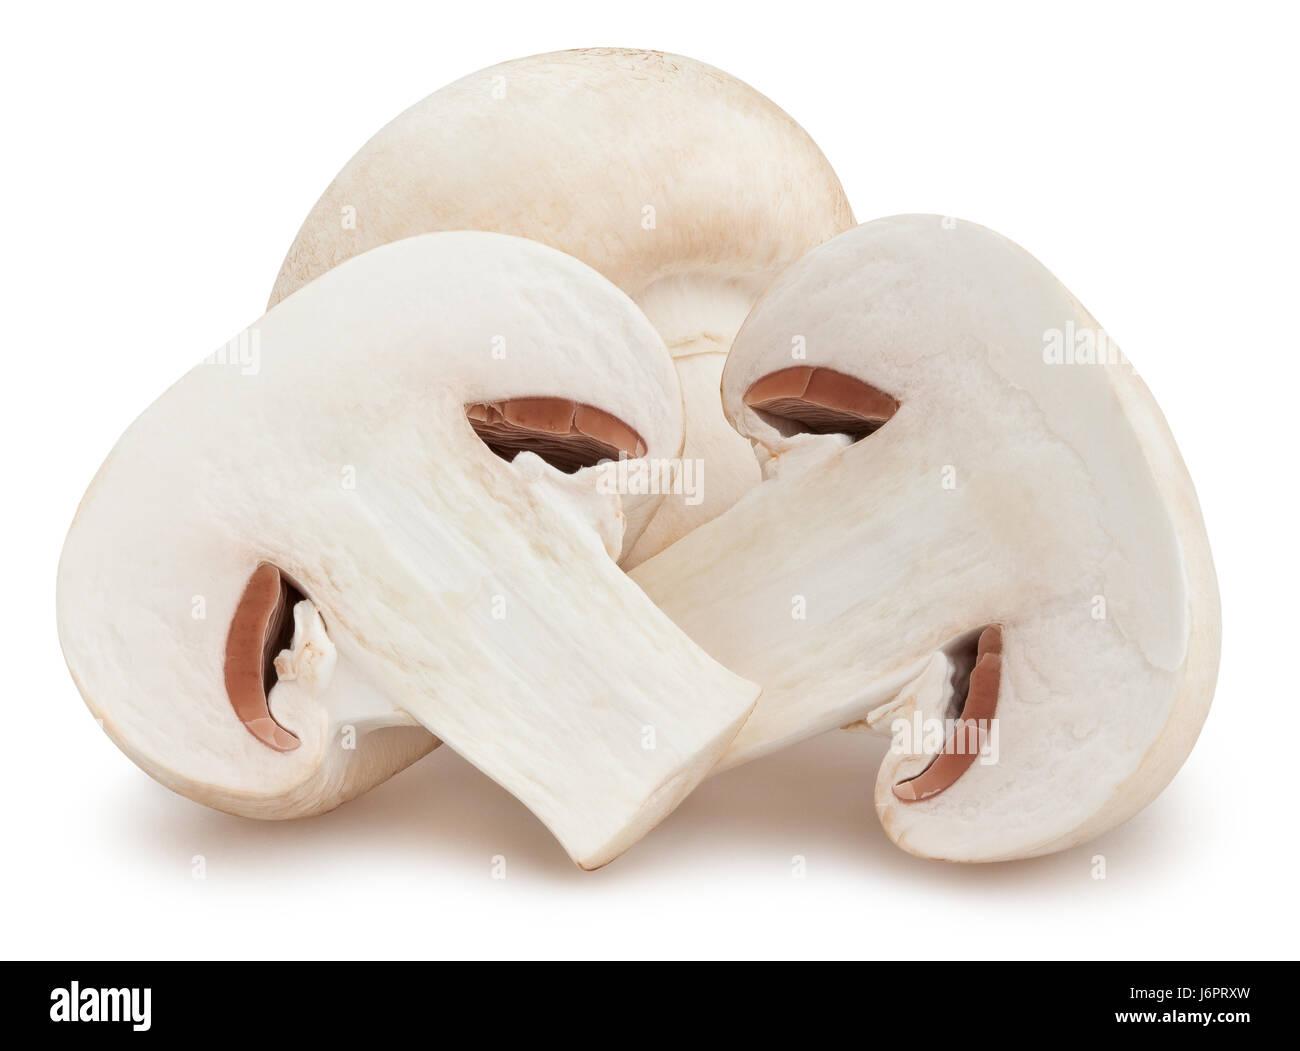 sliced mushrooms isolated - Stock Image